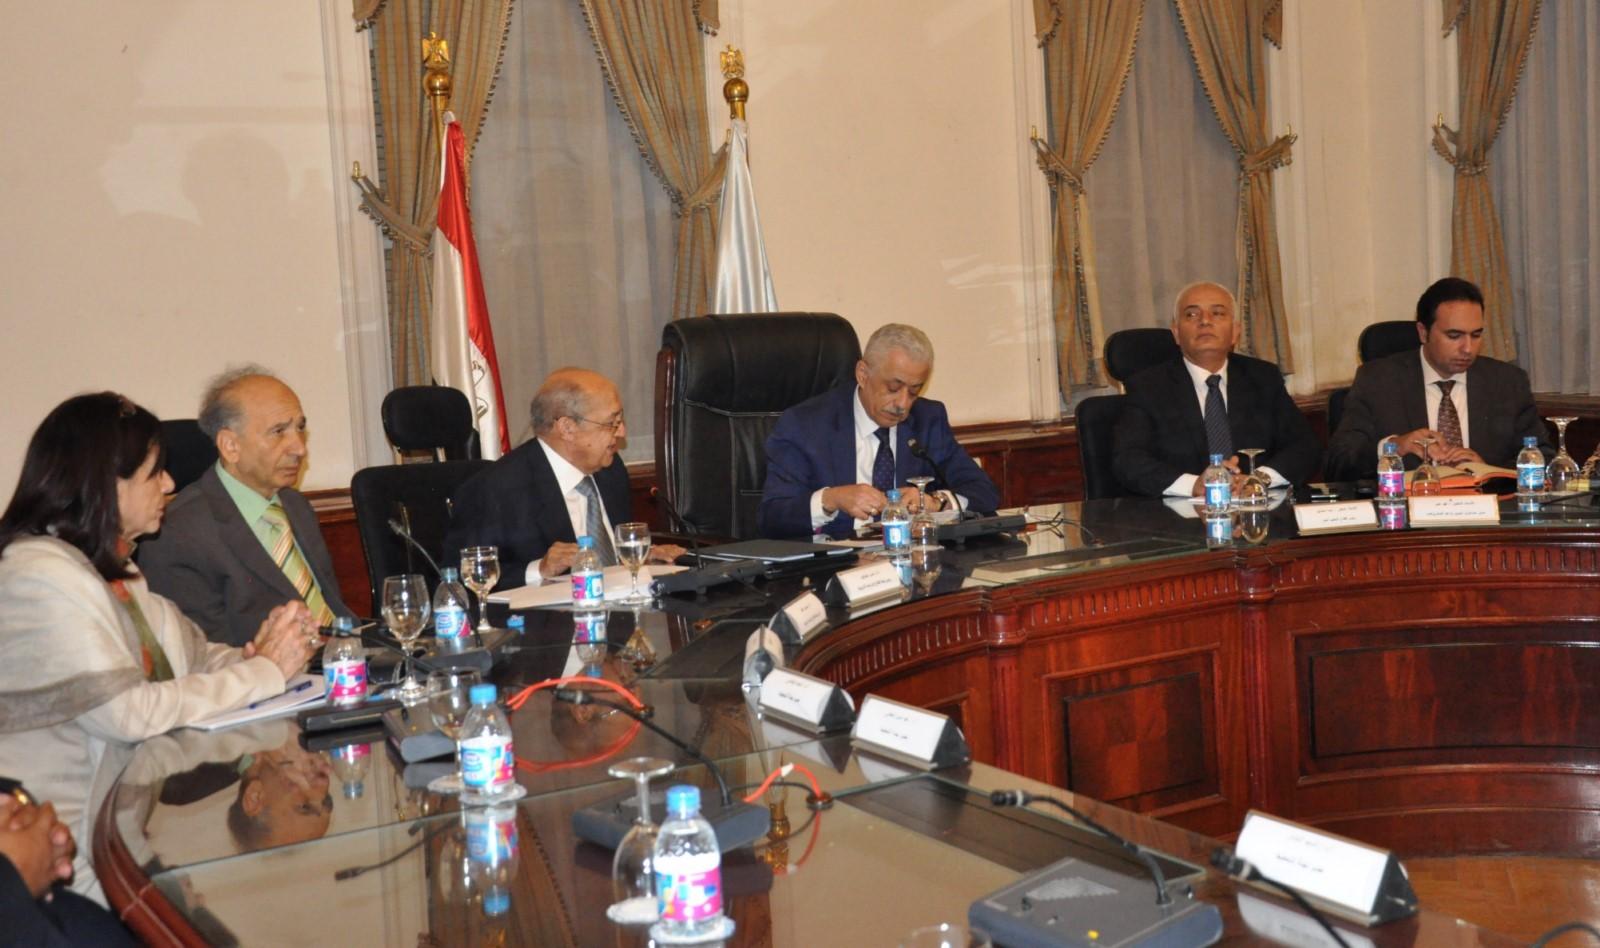 اجتماع قيادات التربية والتعليم مع عمداء الكليات لتطوير التعليم (3)